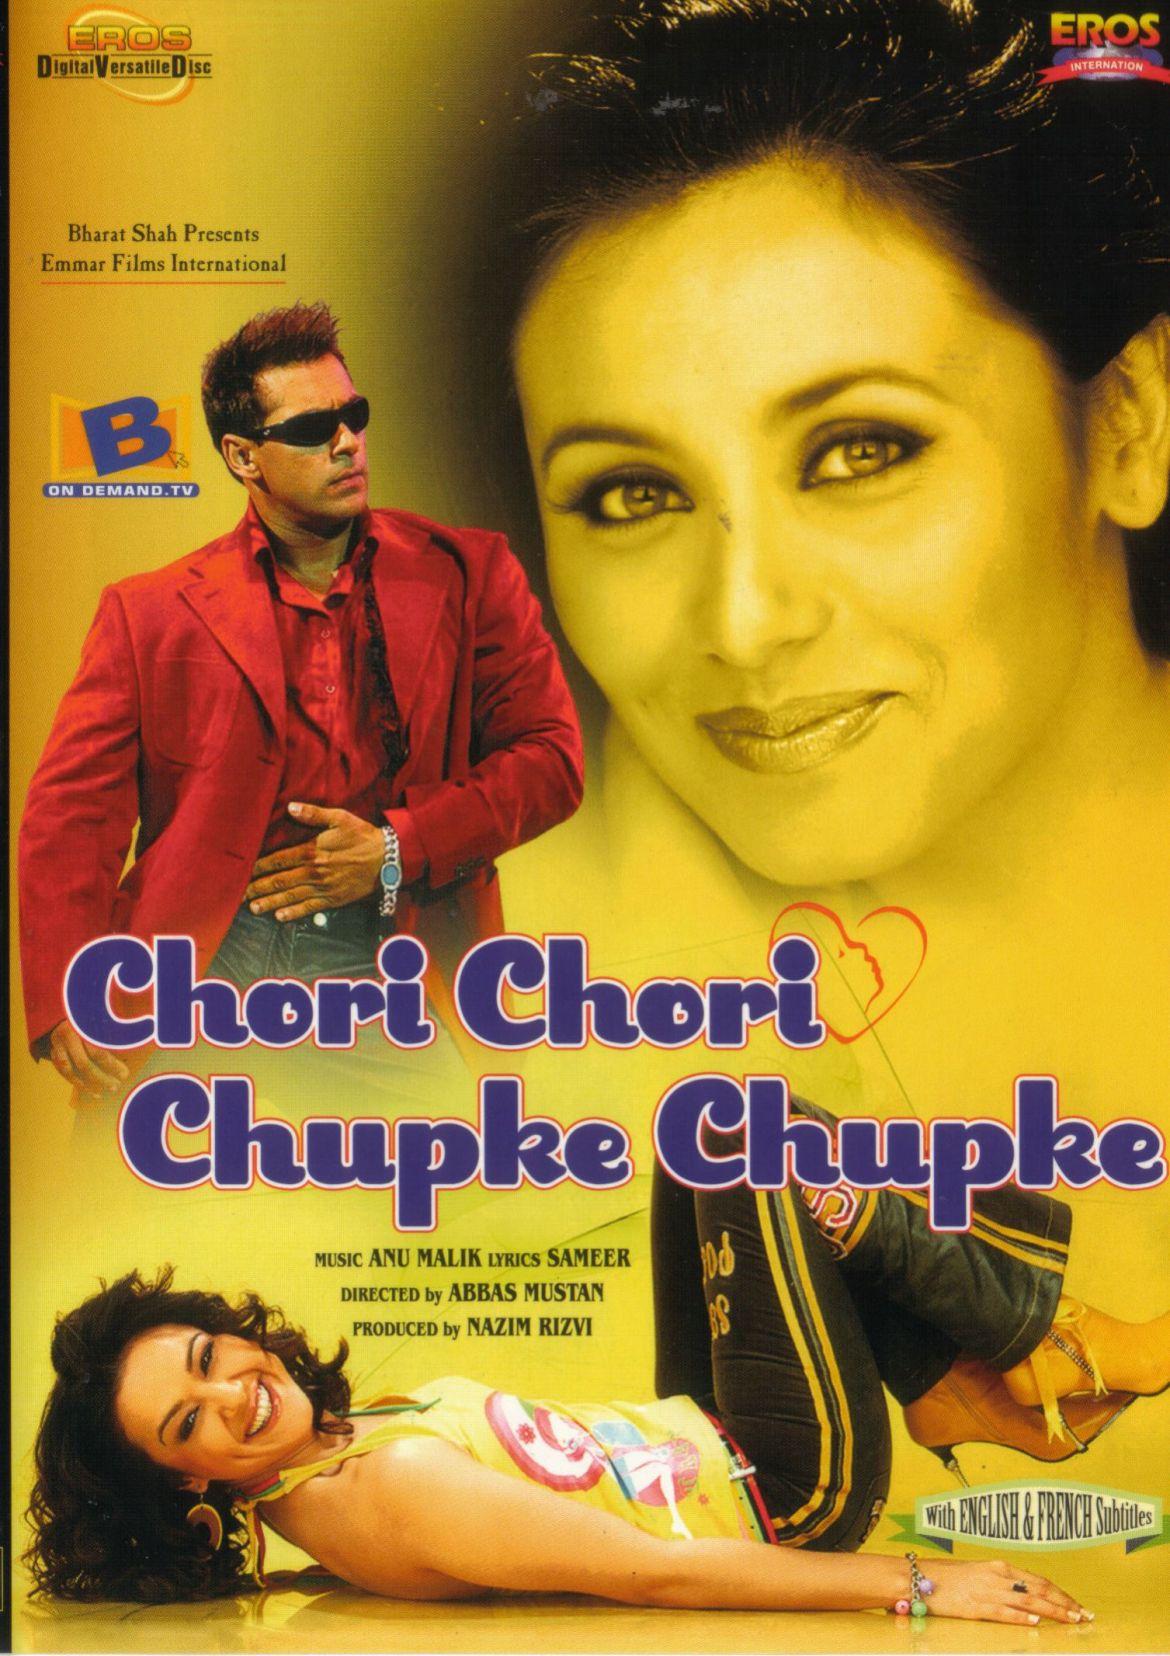 Chori Chori Chupke Chupke Movie Dialogues (All Dialogue)